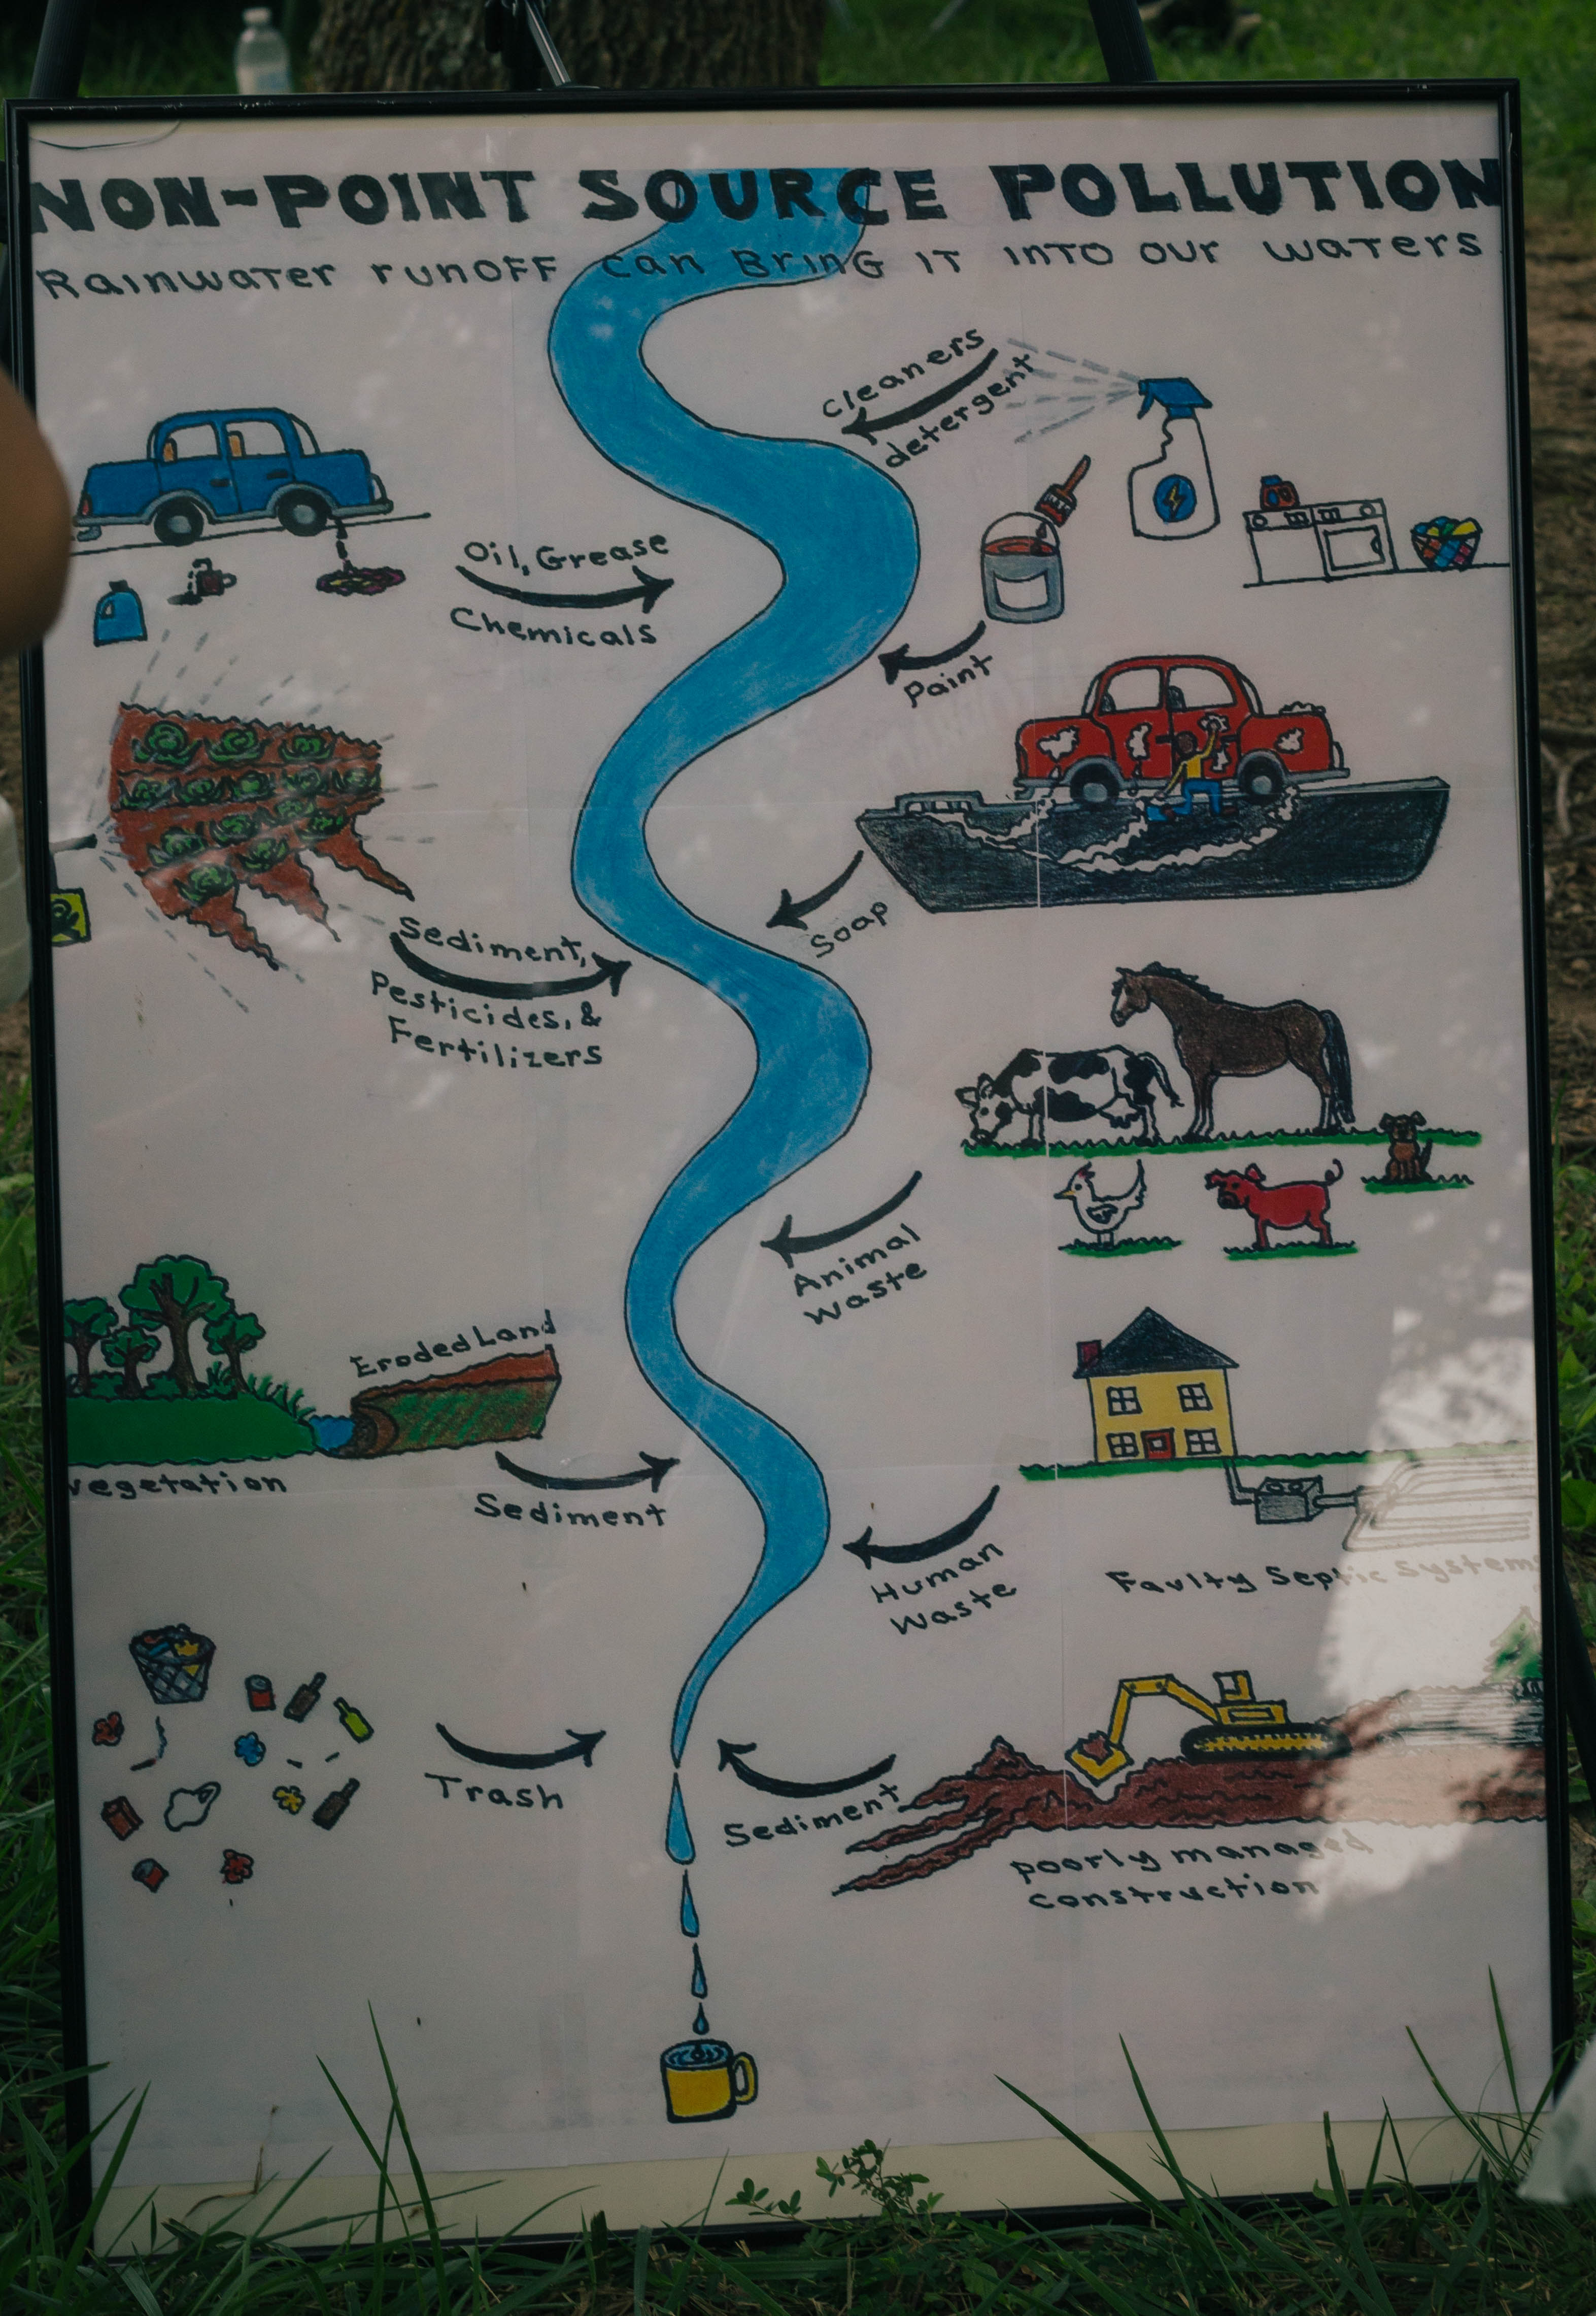 Lost Creek Water Festival